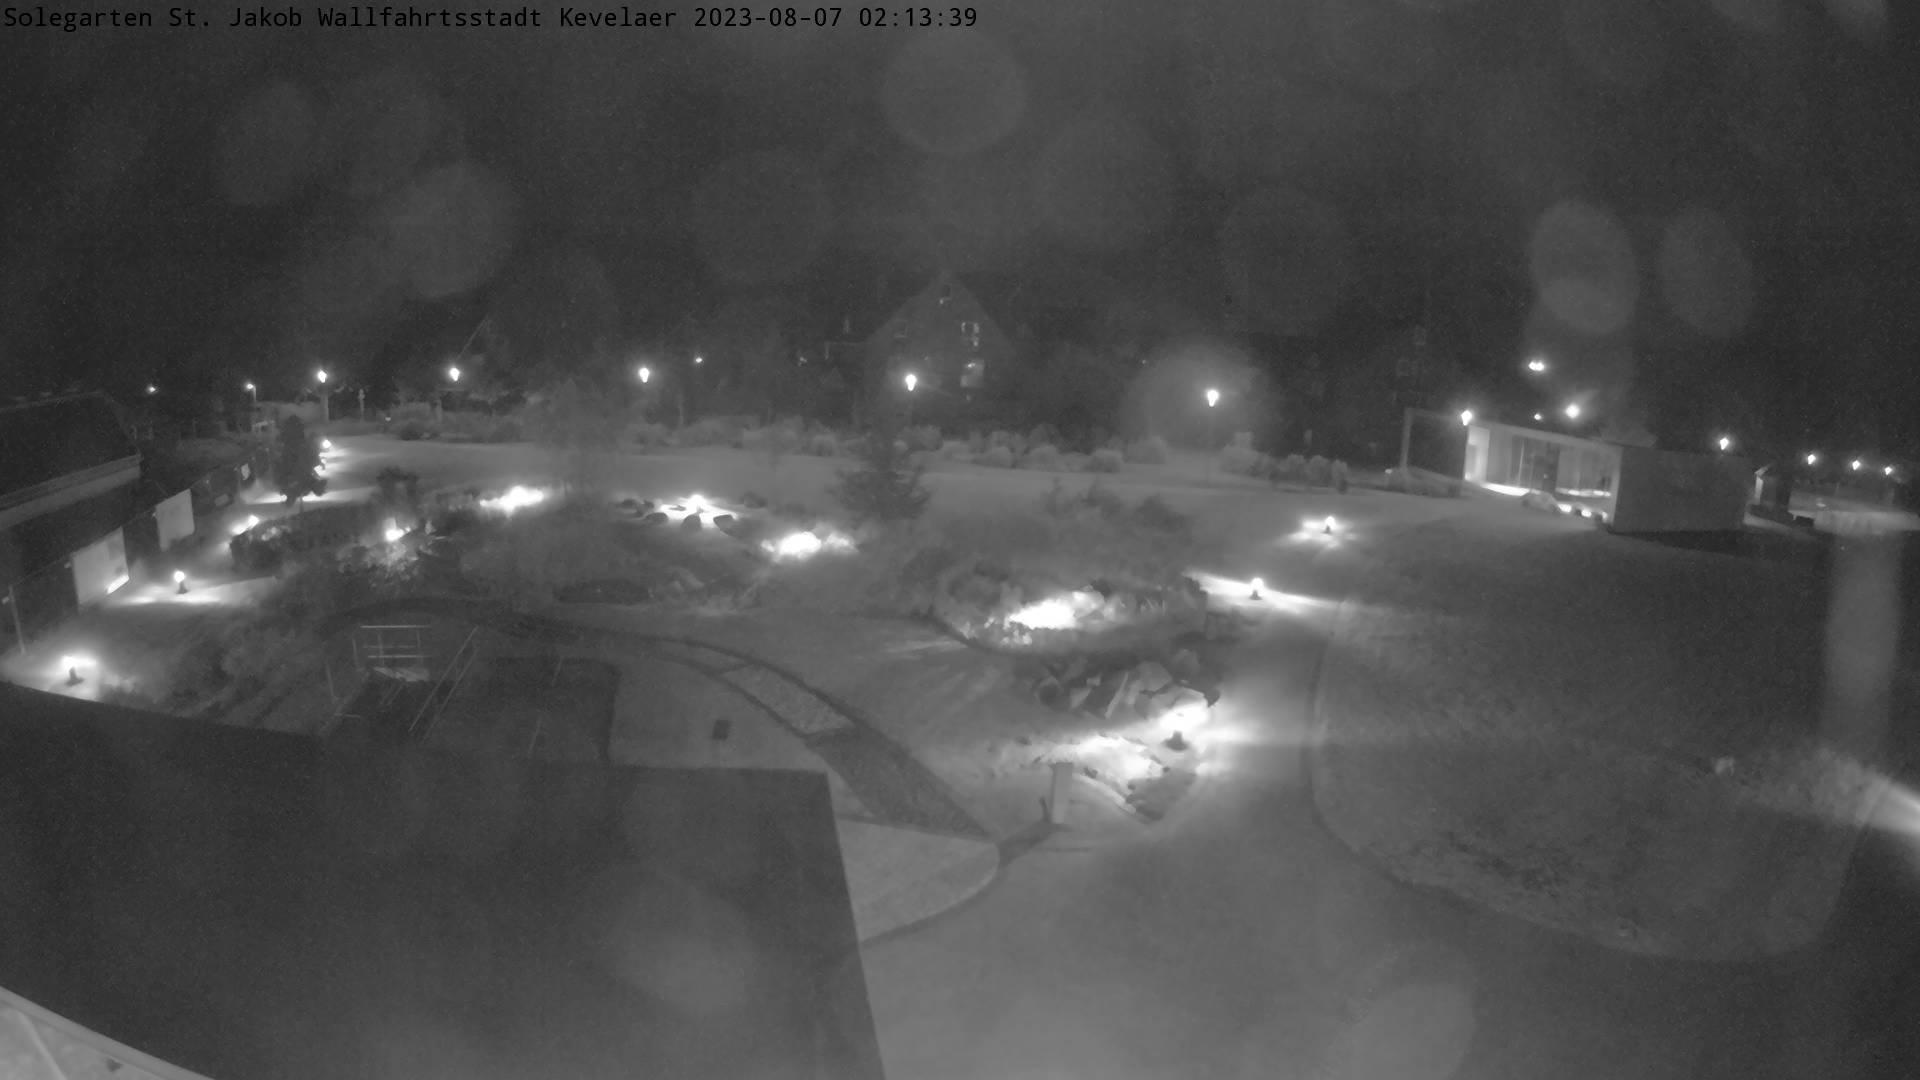 Bild der Webcam mit Blick auf den Solegarten St.Jakob